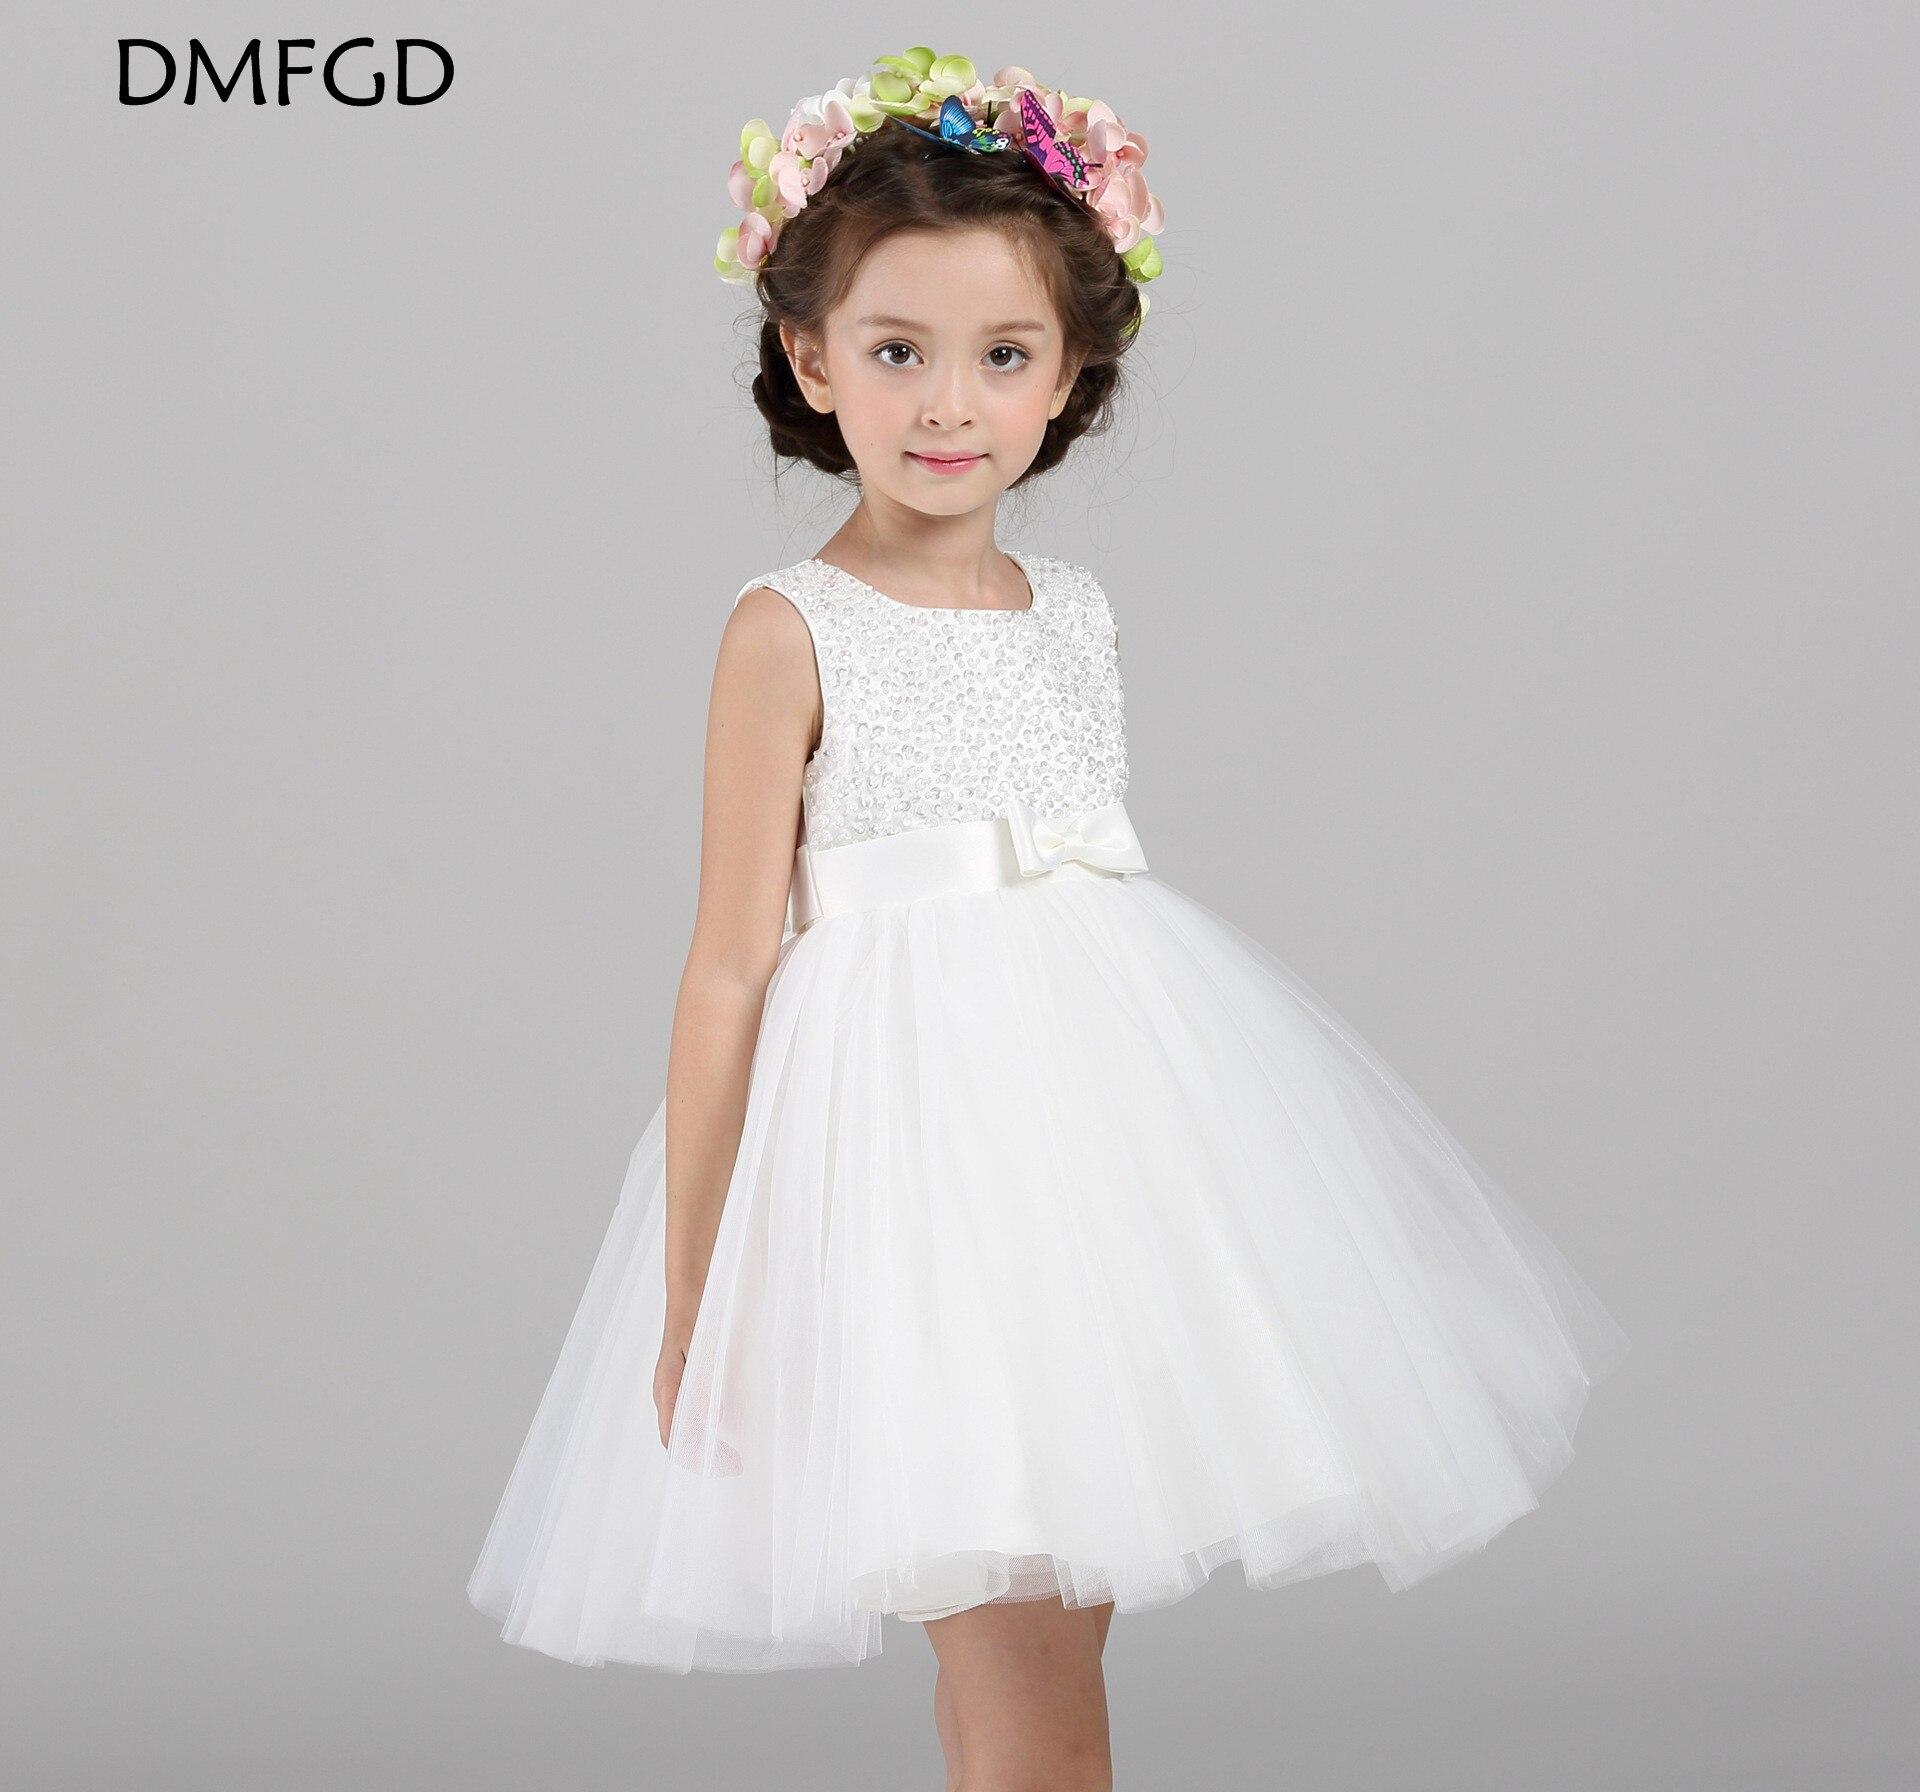 Maggie Korean girls flower girl wedding dresses hand beaded children's pompon dress